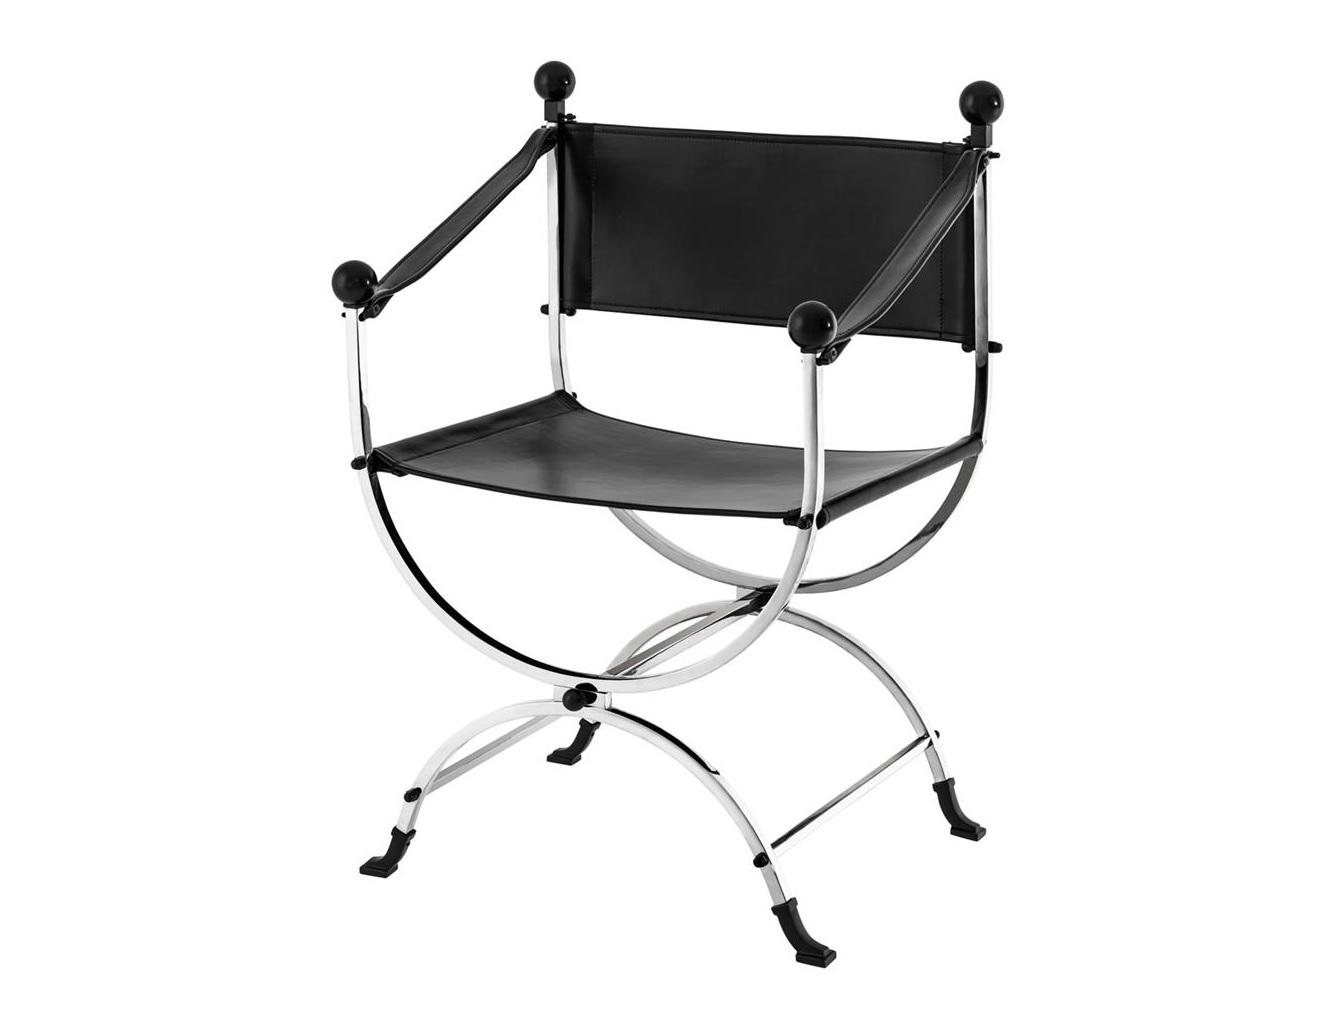 Кресло LimogesКожаные кресла<br><br><br>Material: Кожа<br>Ширина см: 59<br>Высота см: 87<br>Глубина см: 44